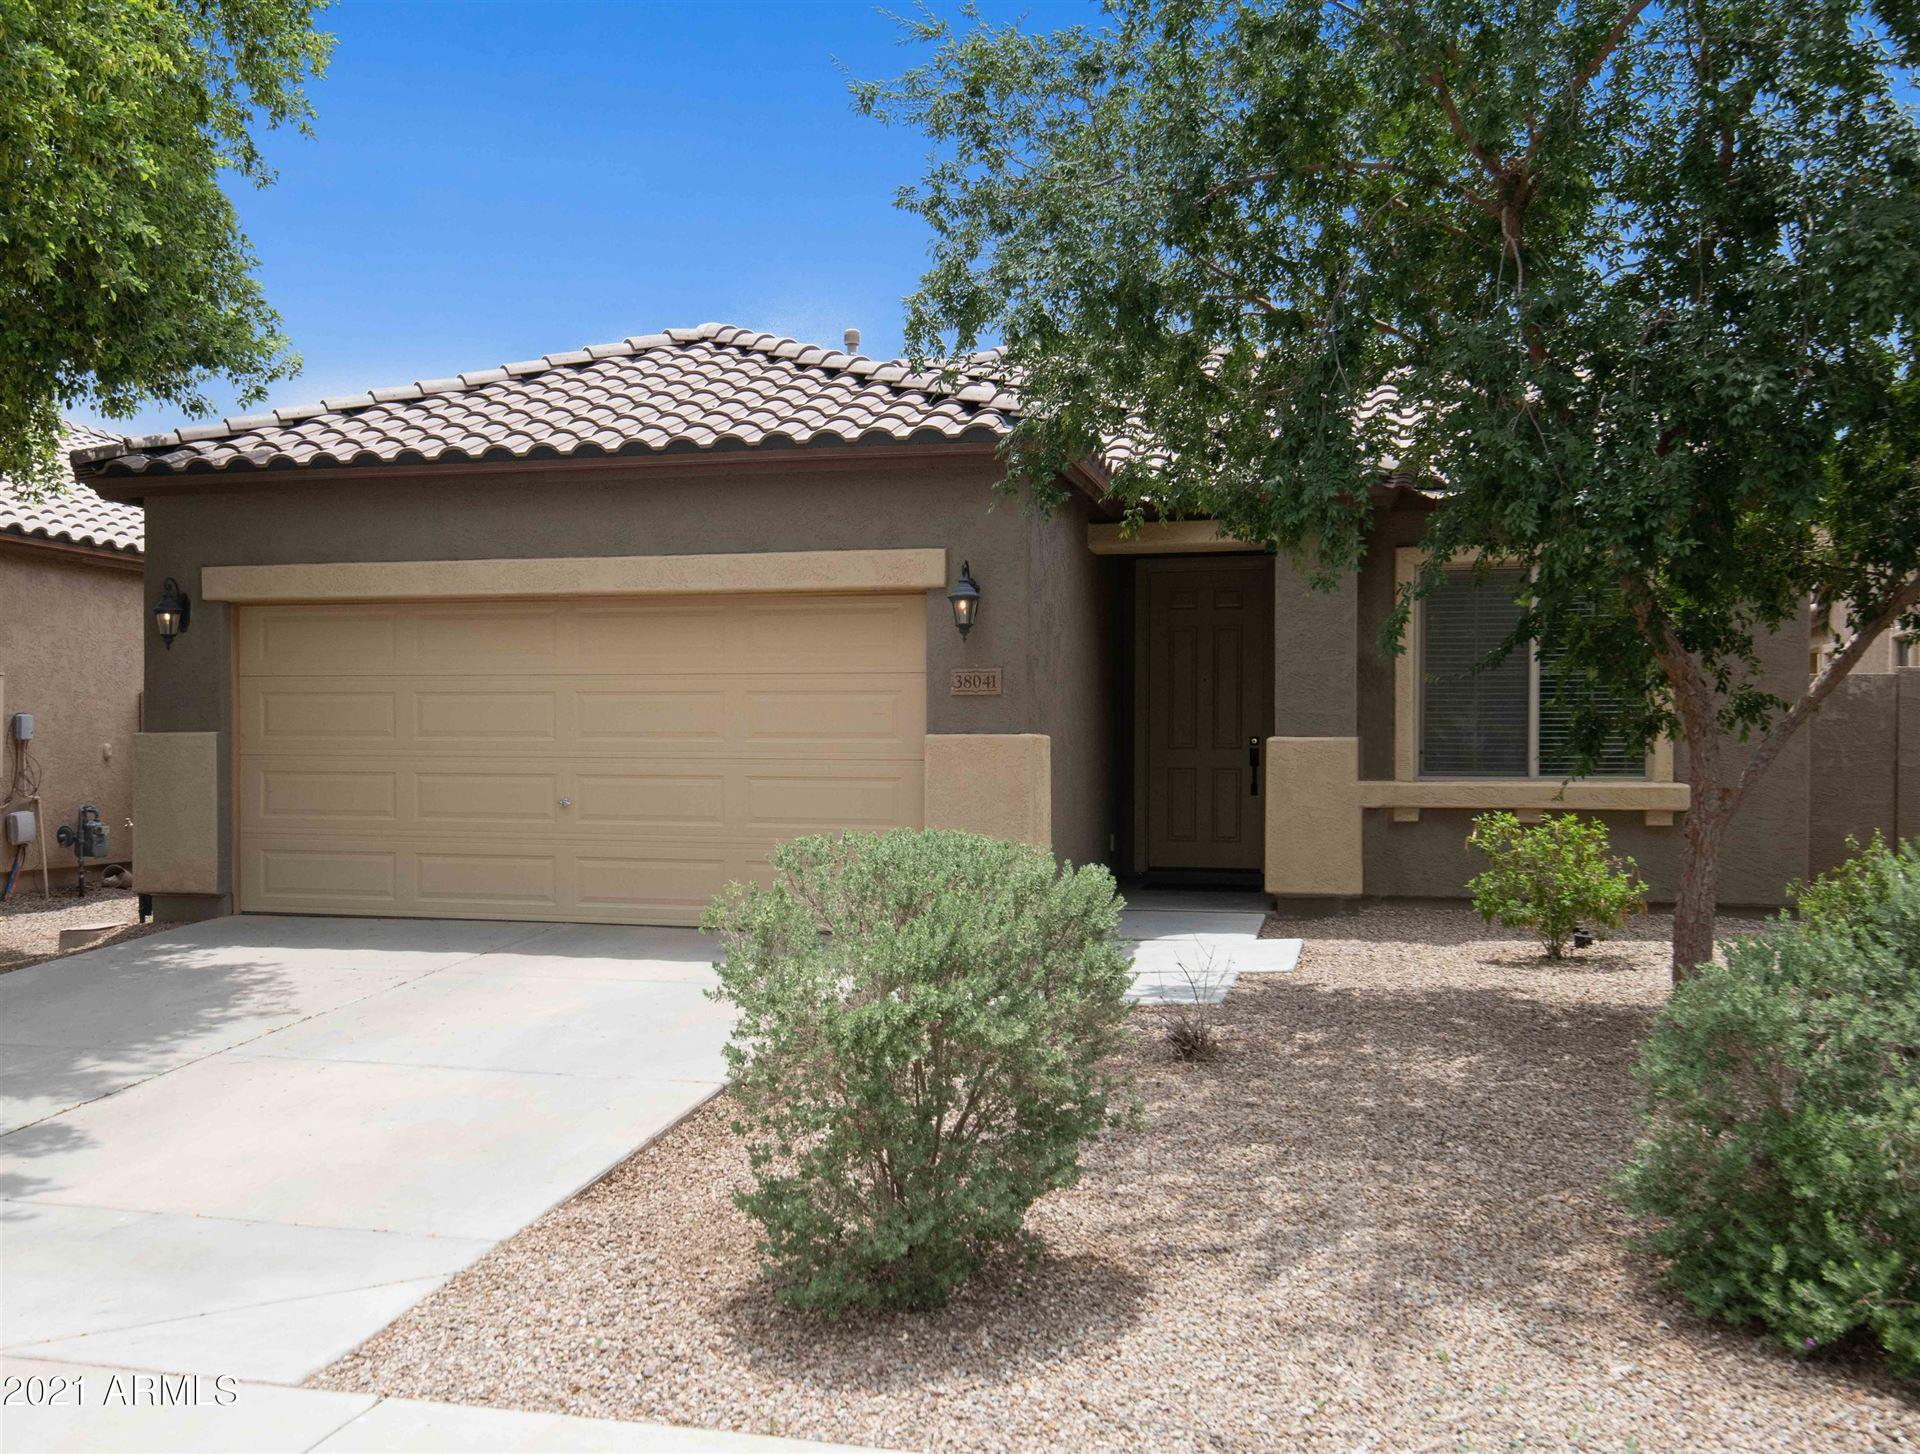 Photo of 38041 W LA PAZ Street, Maricopa, AZ 85138 (MLS # 6268582)